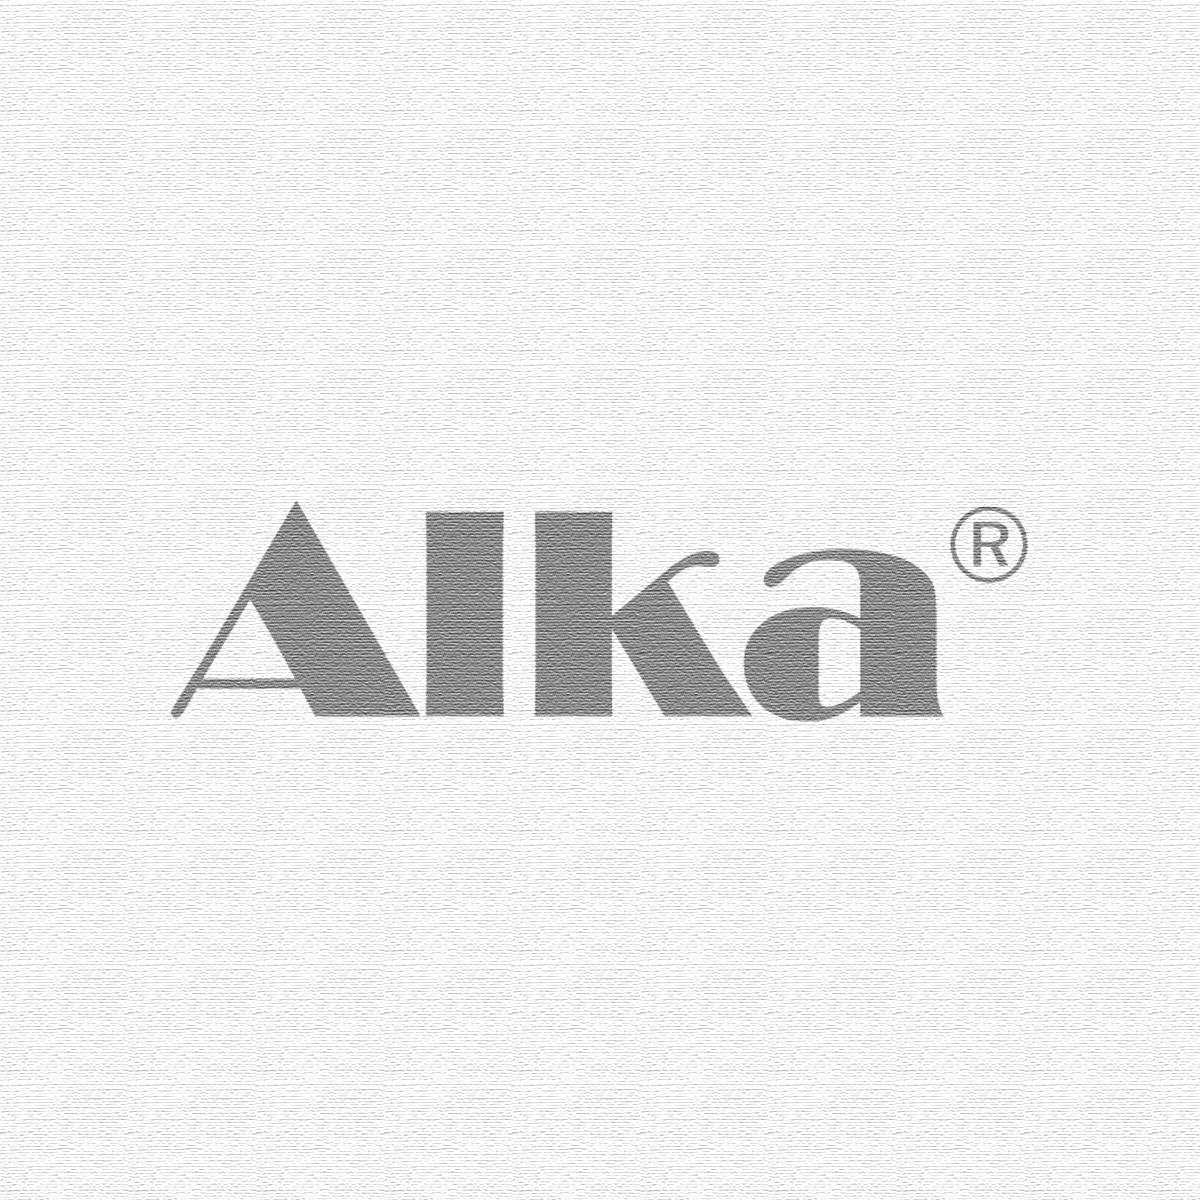 Alka® Drops - 37ml - Italian label